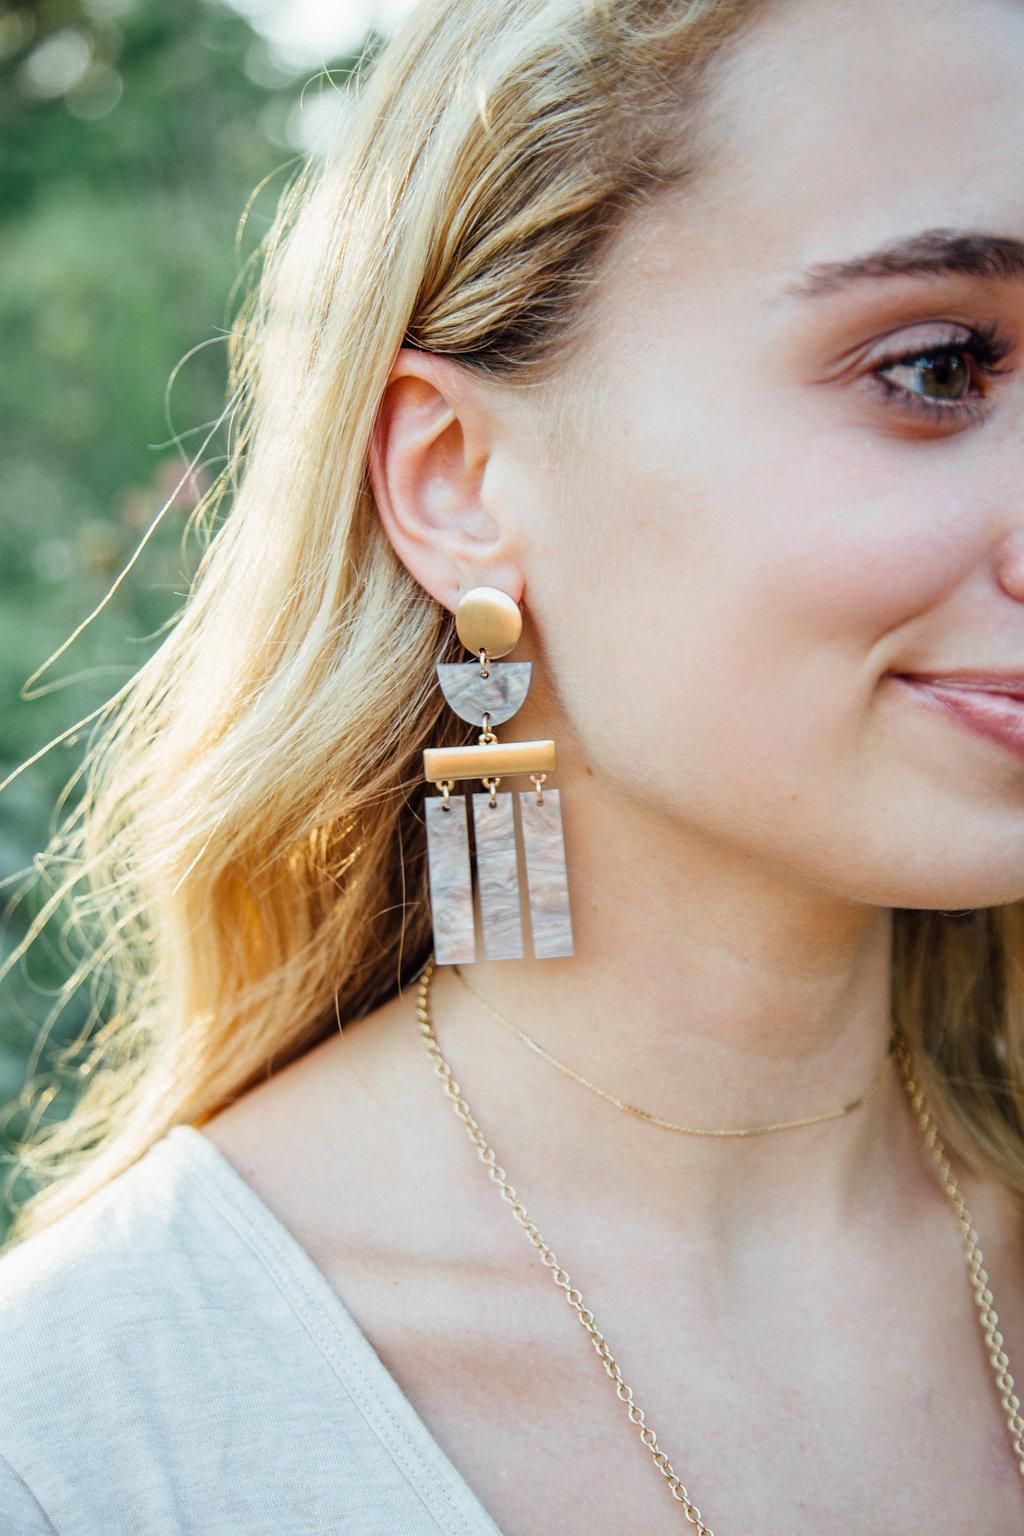 New Jewelry in the Shop, Darleen Meier Jewelry || Darling Darleen #darleenmeierjewelry